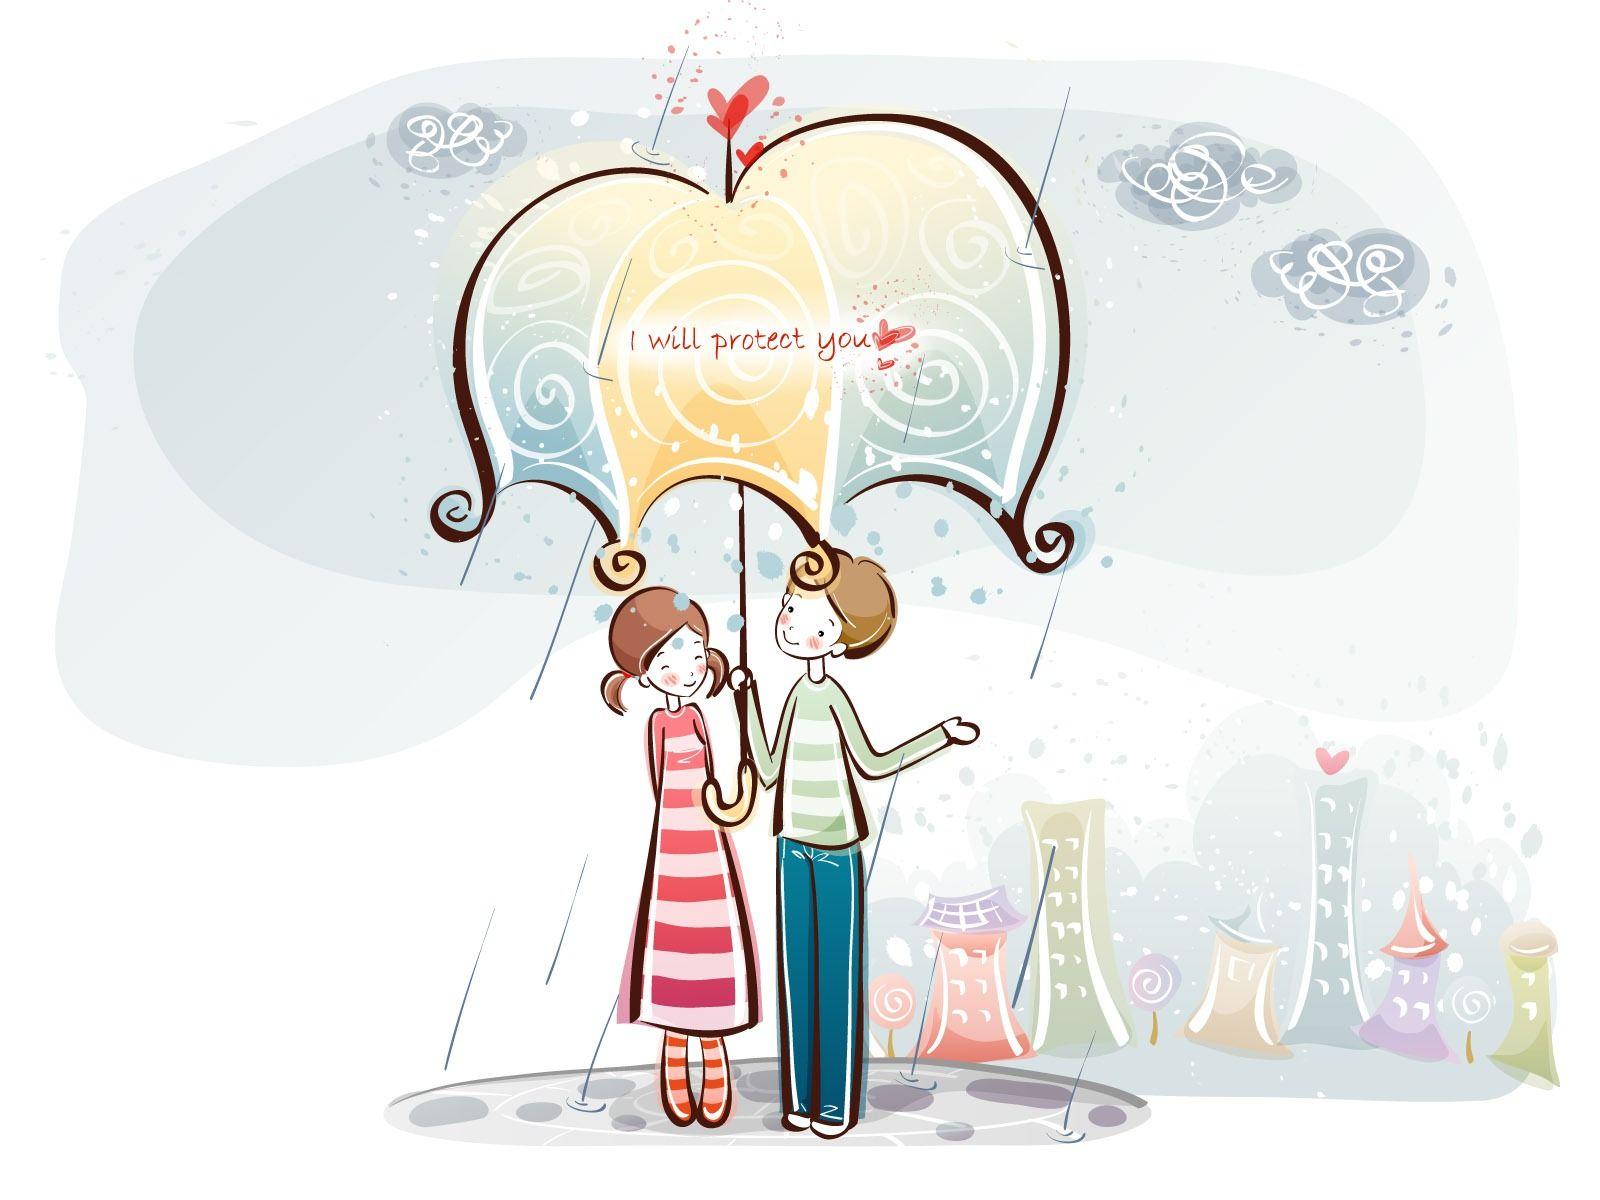 Fondos De Pantalla Animados De San Valentín: Fondos De Pantalla De Dibujos Animados De San Valentín (1